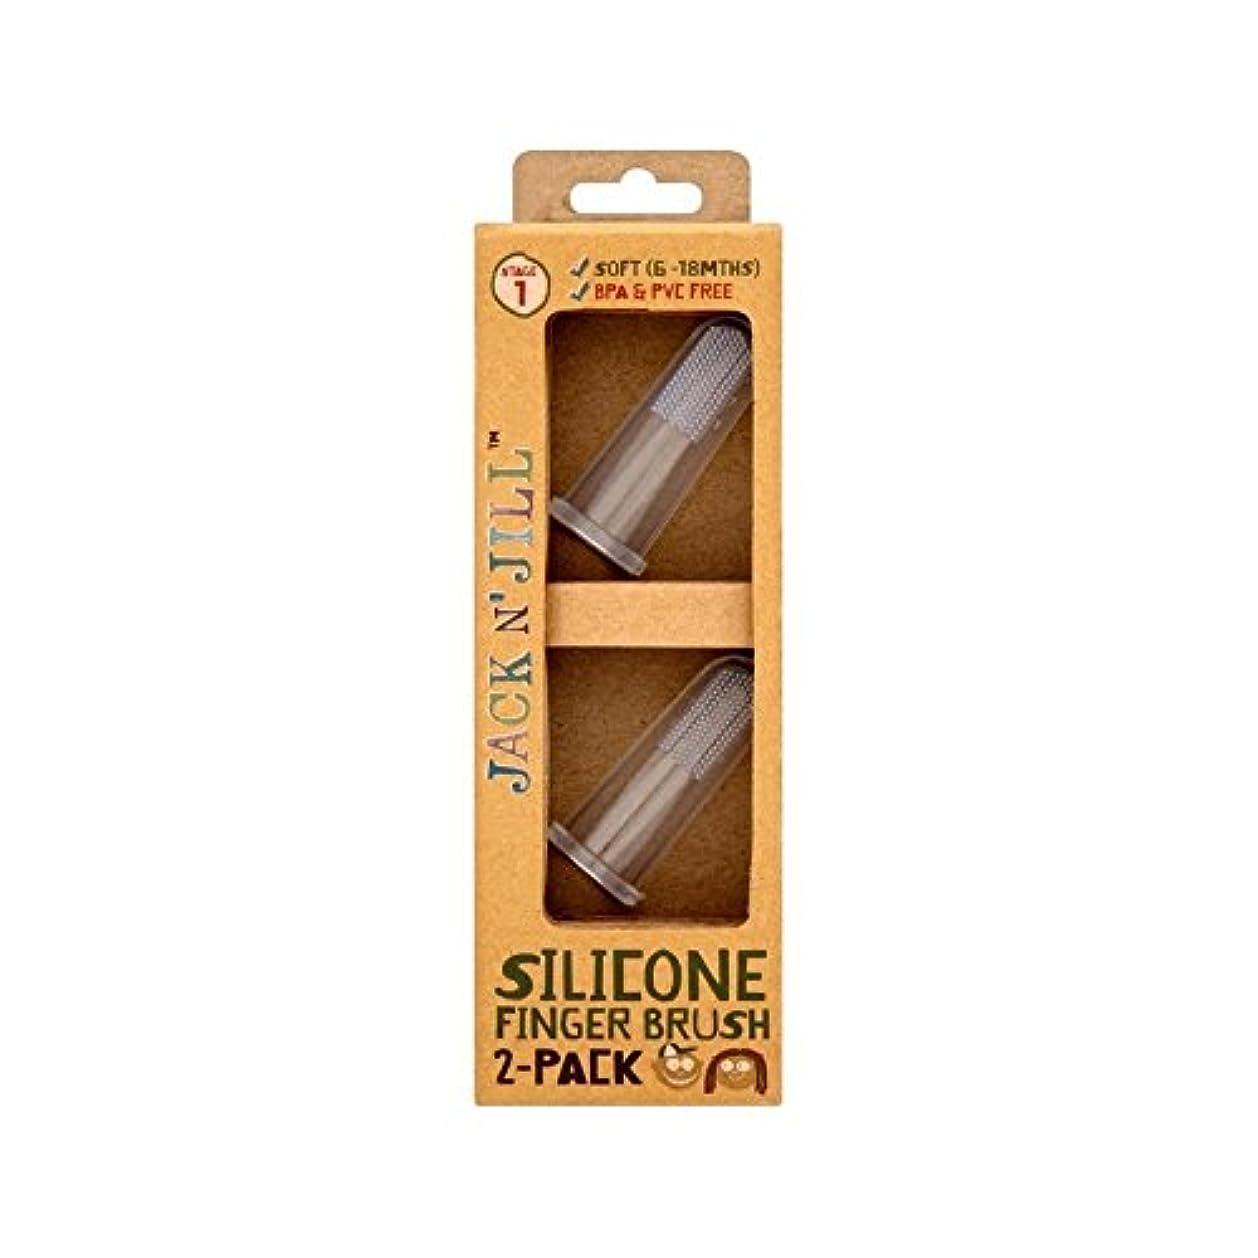 媒染剤立場右シリコーン指ブラシ2パックあたりパック2 (Jack N Jill) (x 4) - Jack N' Jill Silicone Finger Brush 2 Pack 2 per pack (Pack of 4) [並行輸入品]